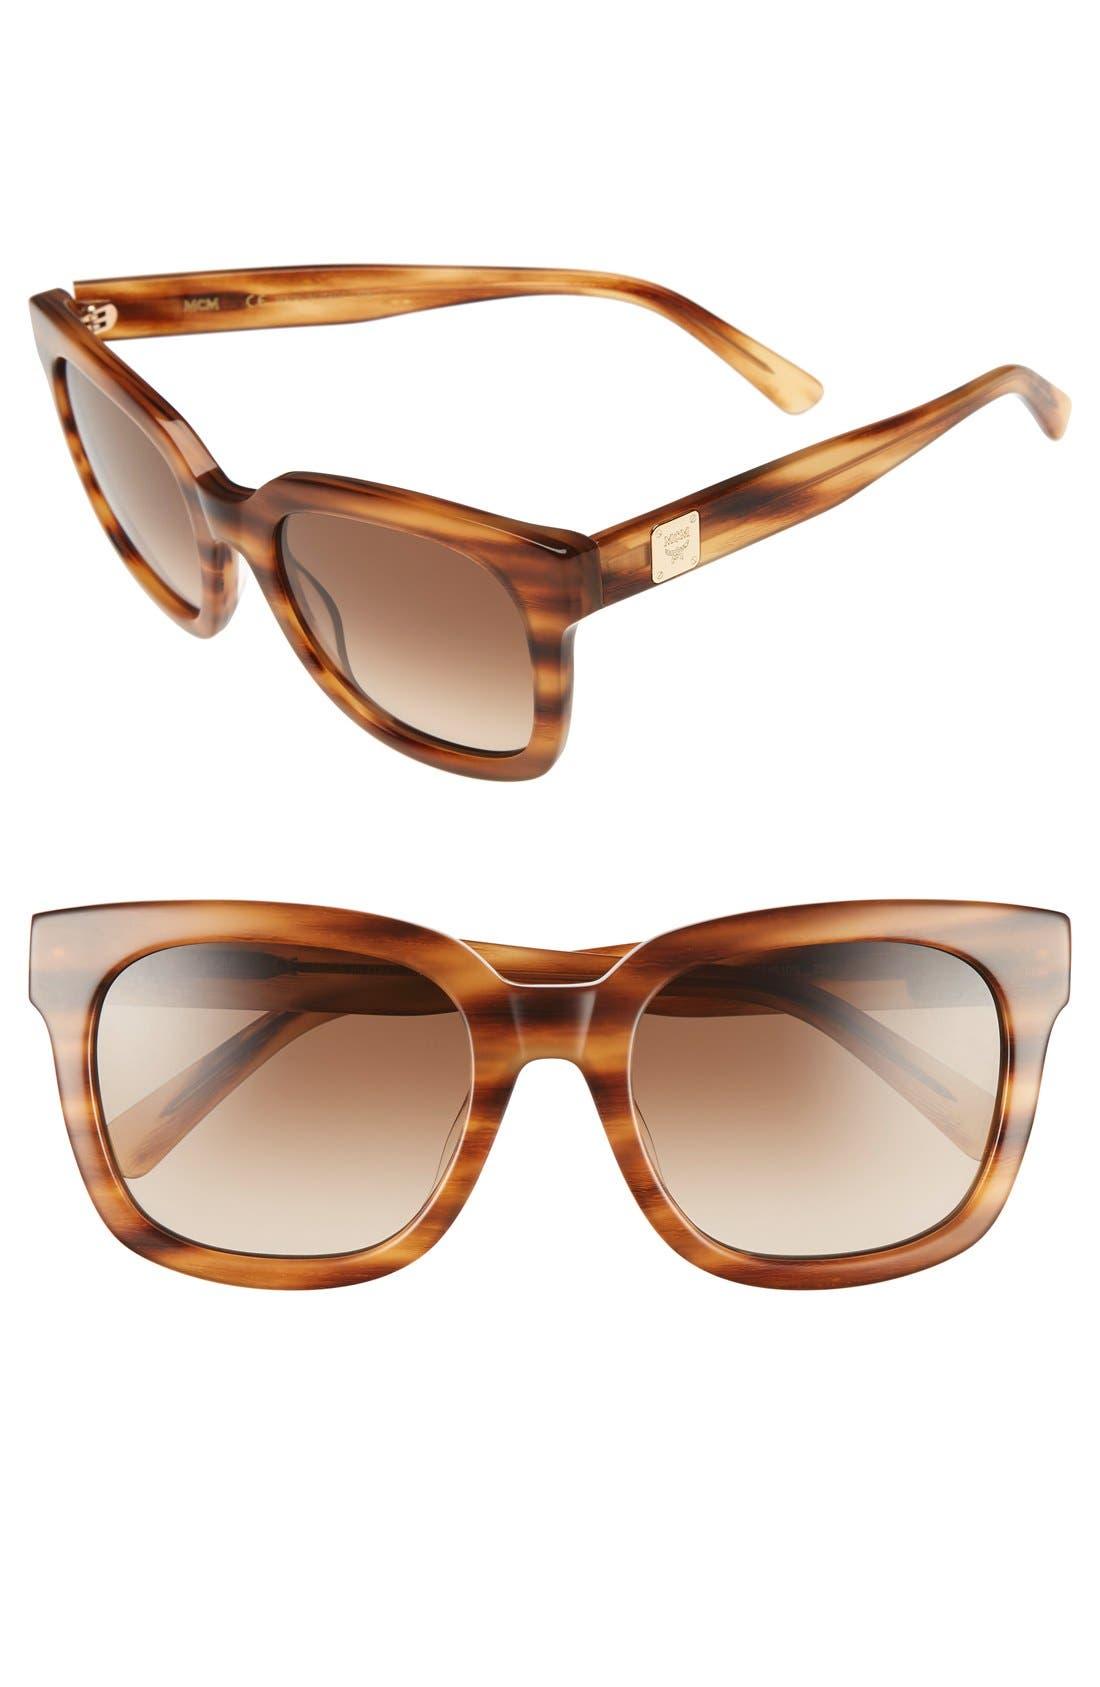 Main Image - MCM 54mm Retro Sunglasses